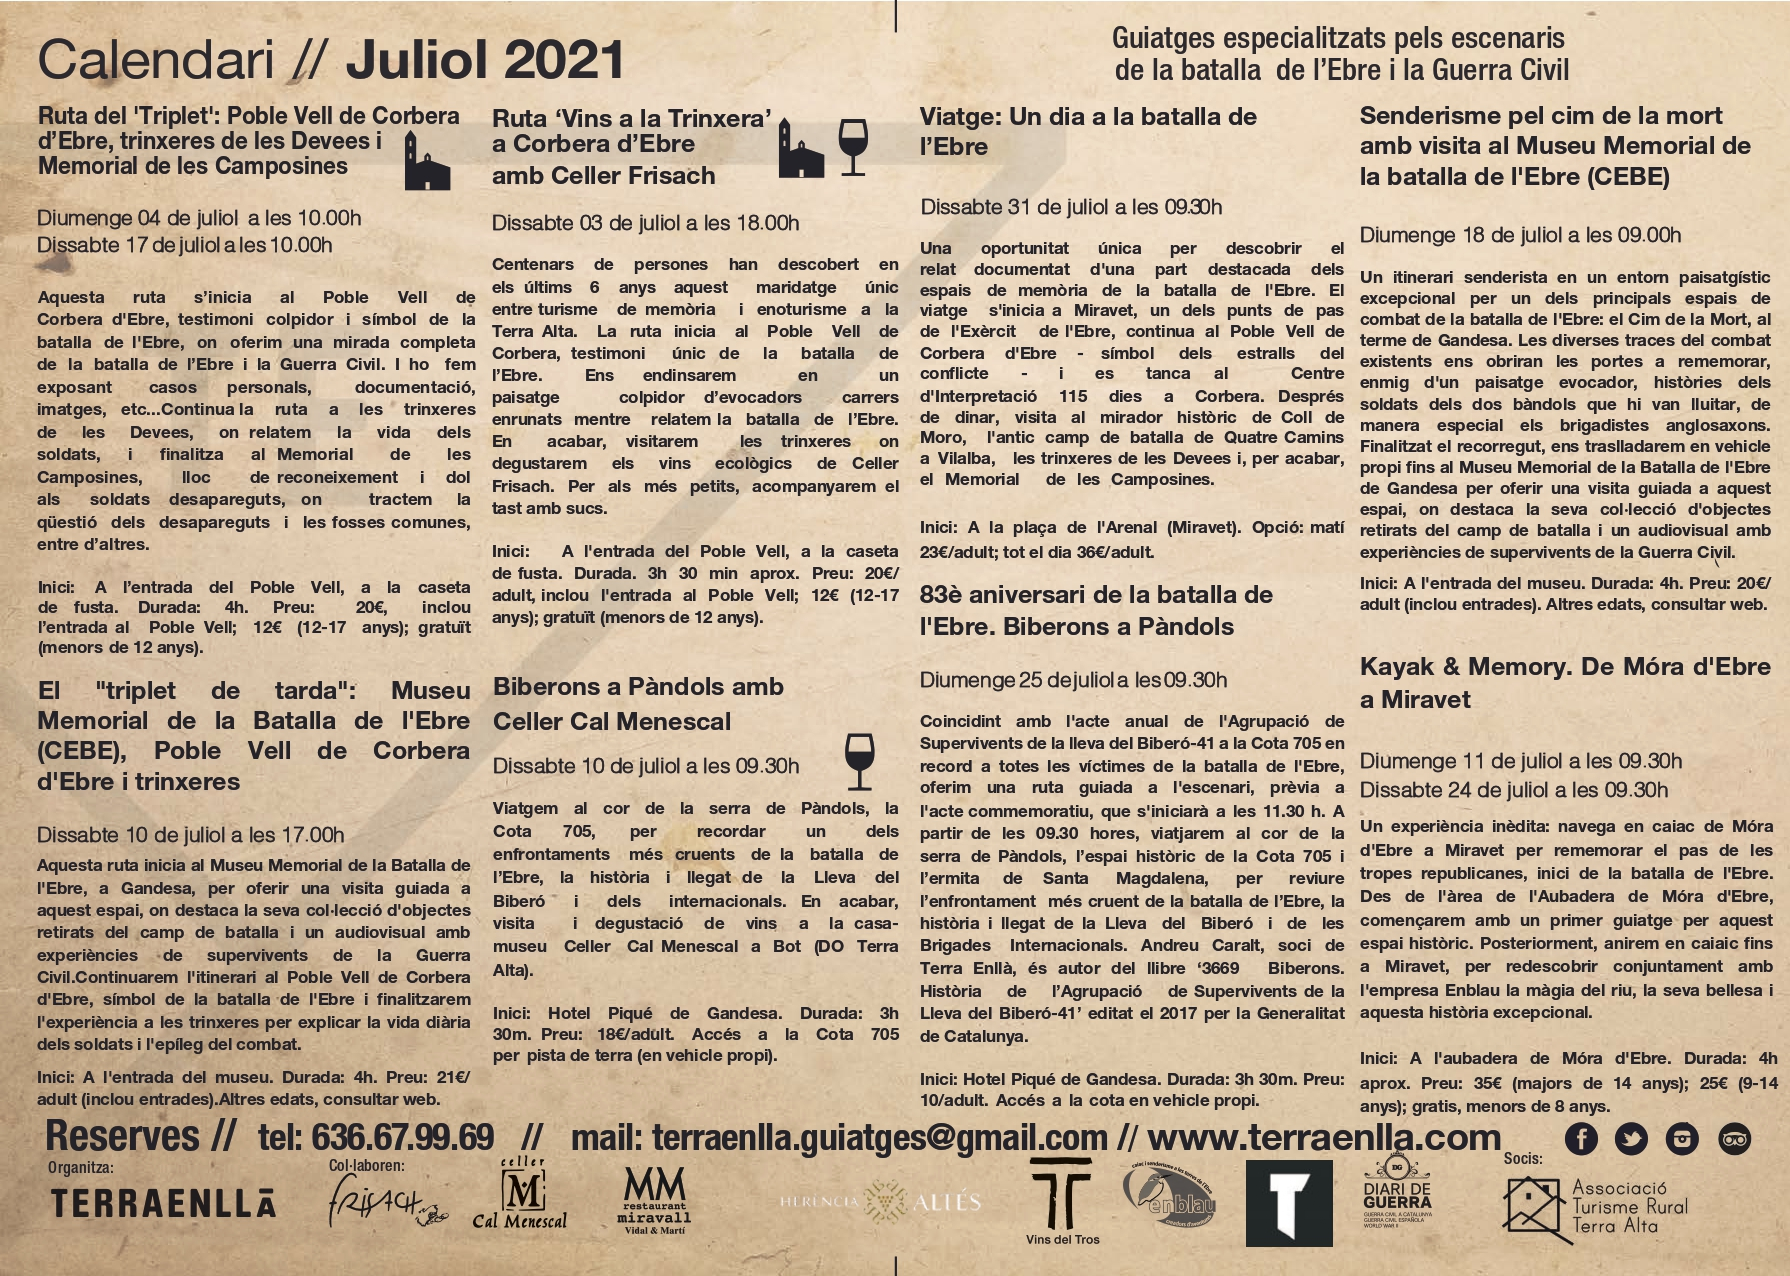 Programa Terra Enllà. Juliol, 2021, pàg 2. Espais de la batalla de l'Ebre i la guerra civil